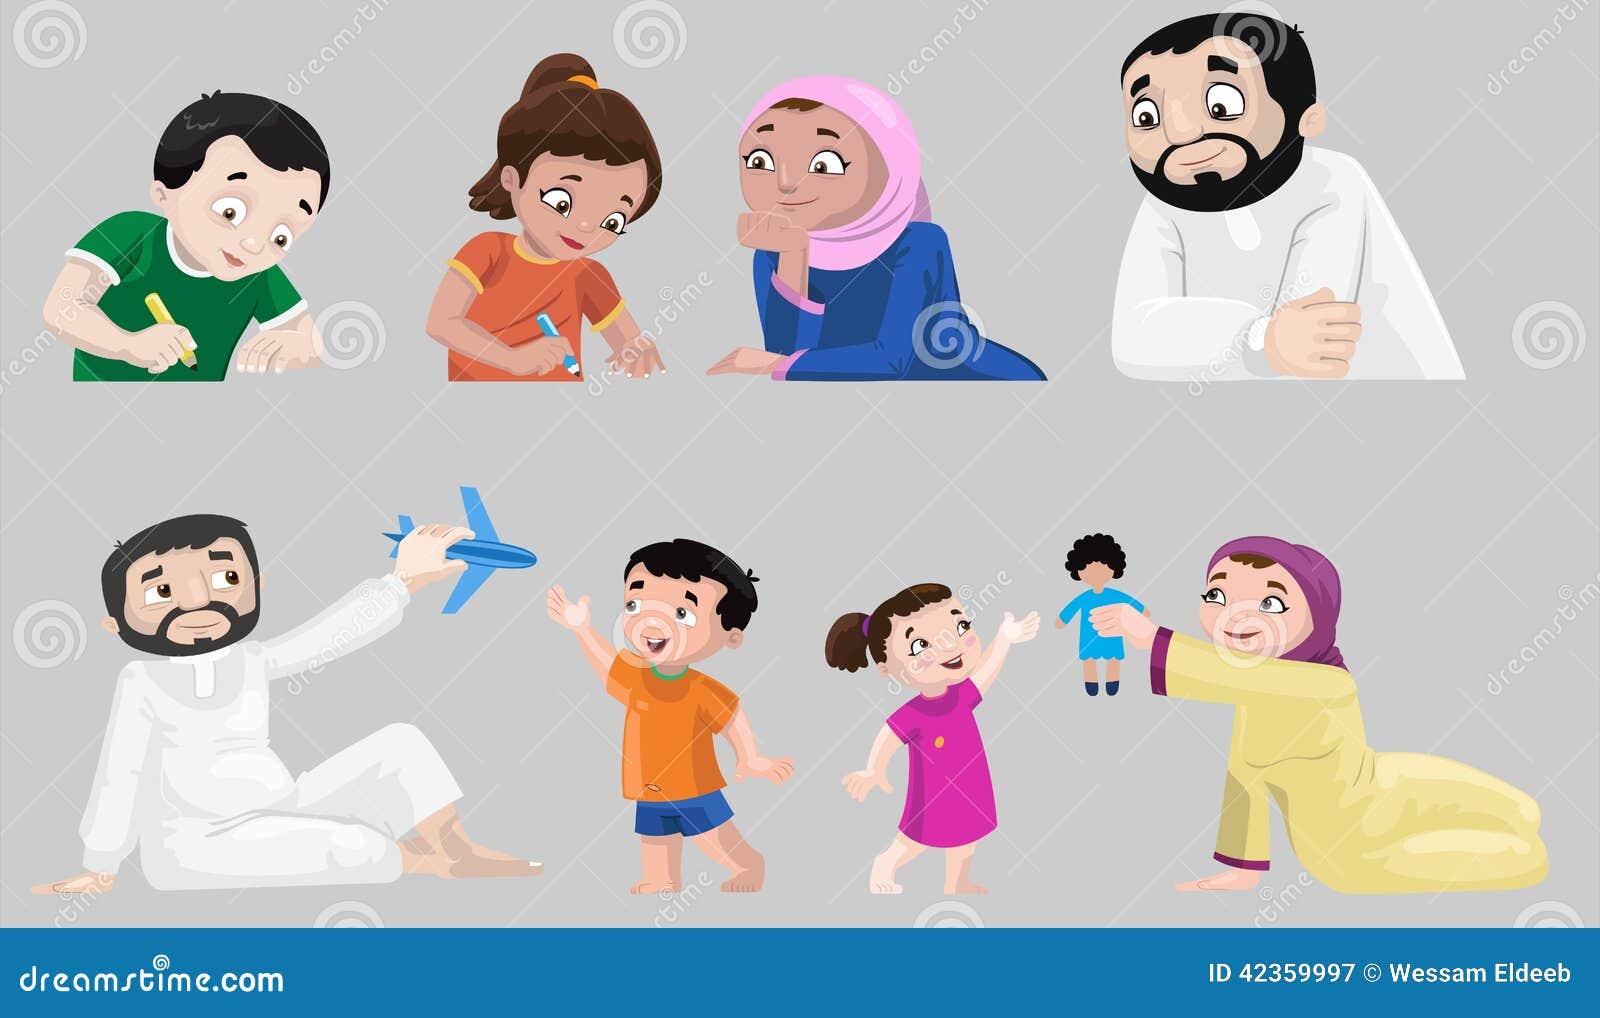 Icônes des caractères Arabes